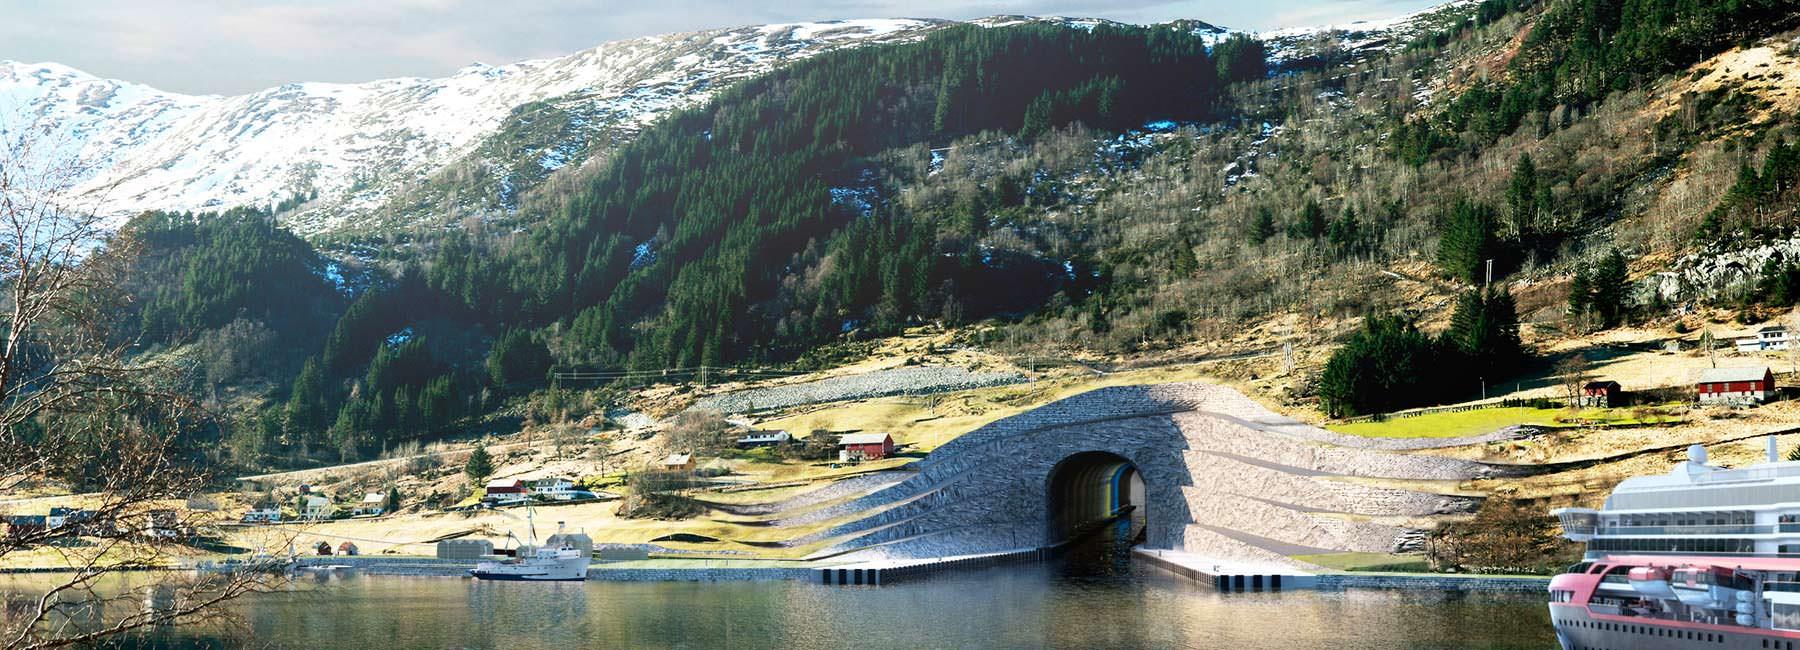 Фото | Первый в мире судоходный тоннель. Проект Snøhetta